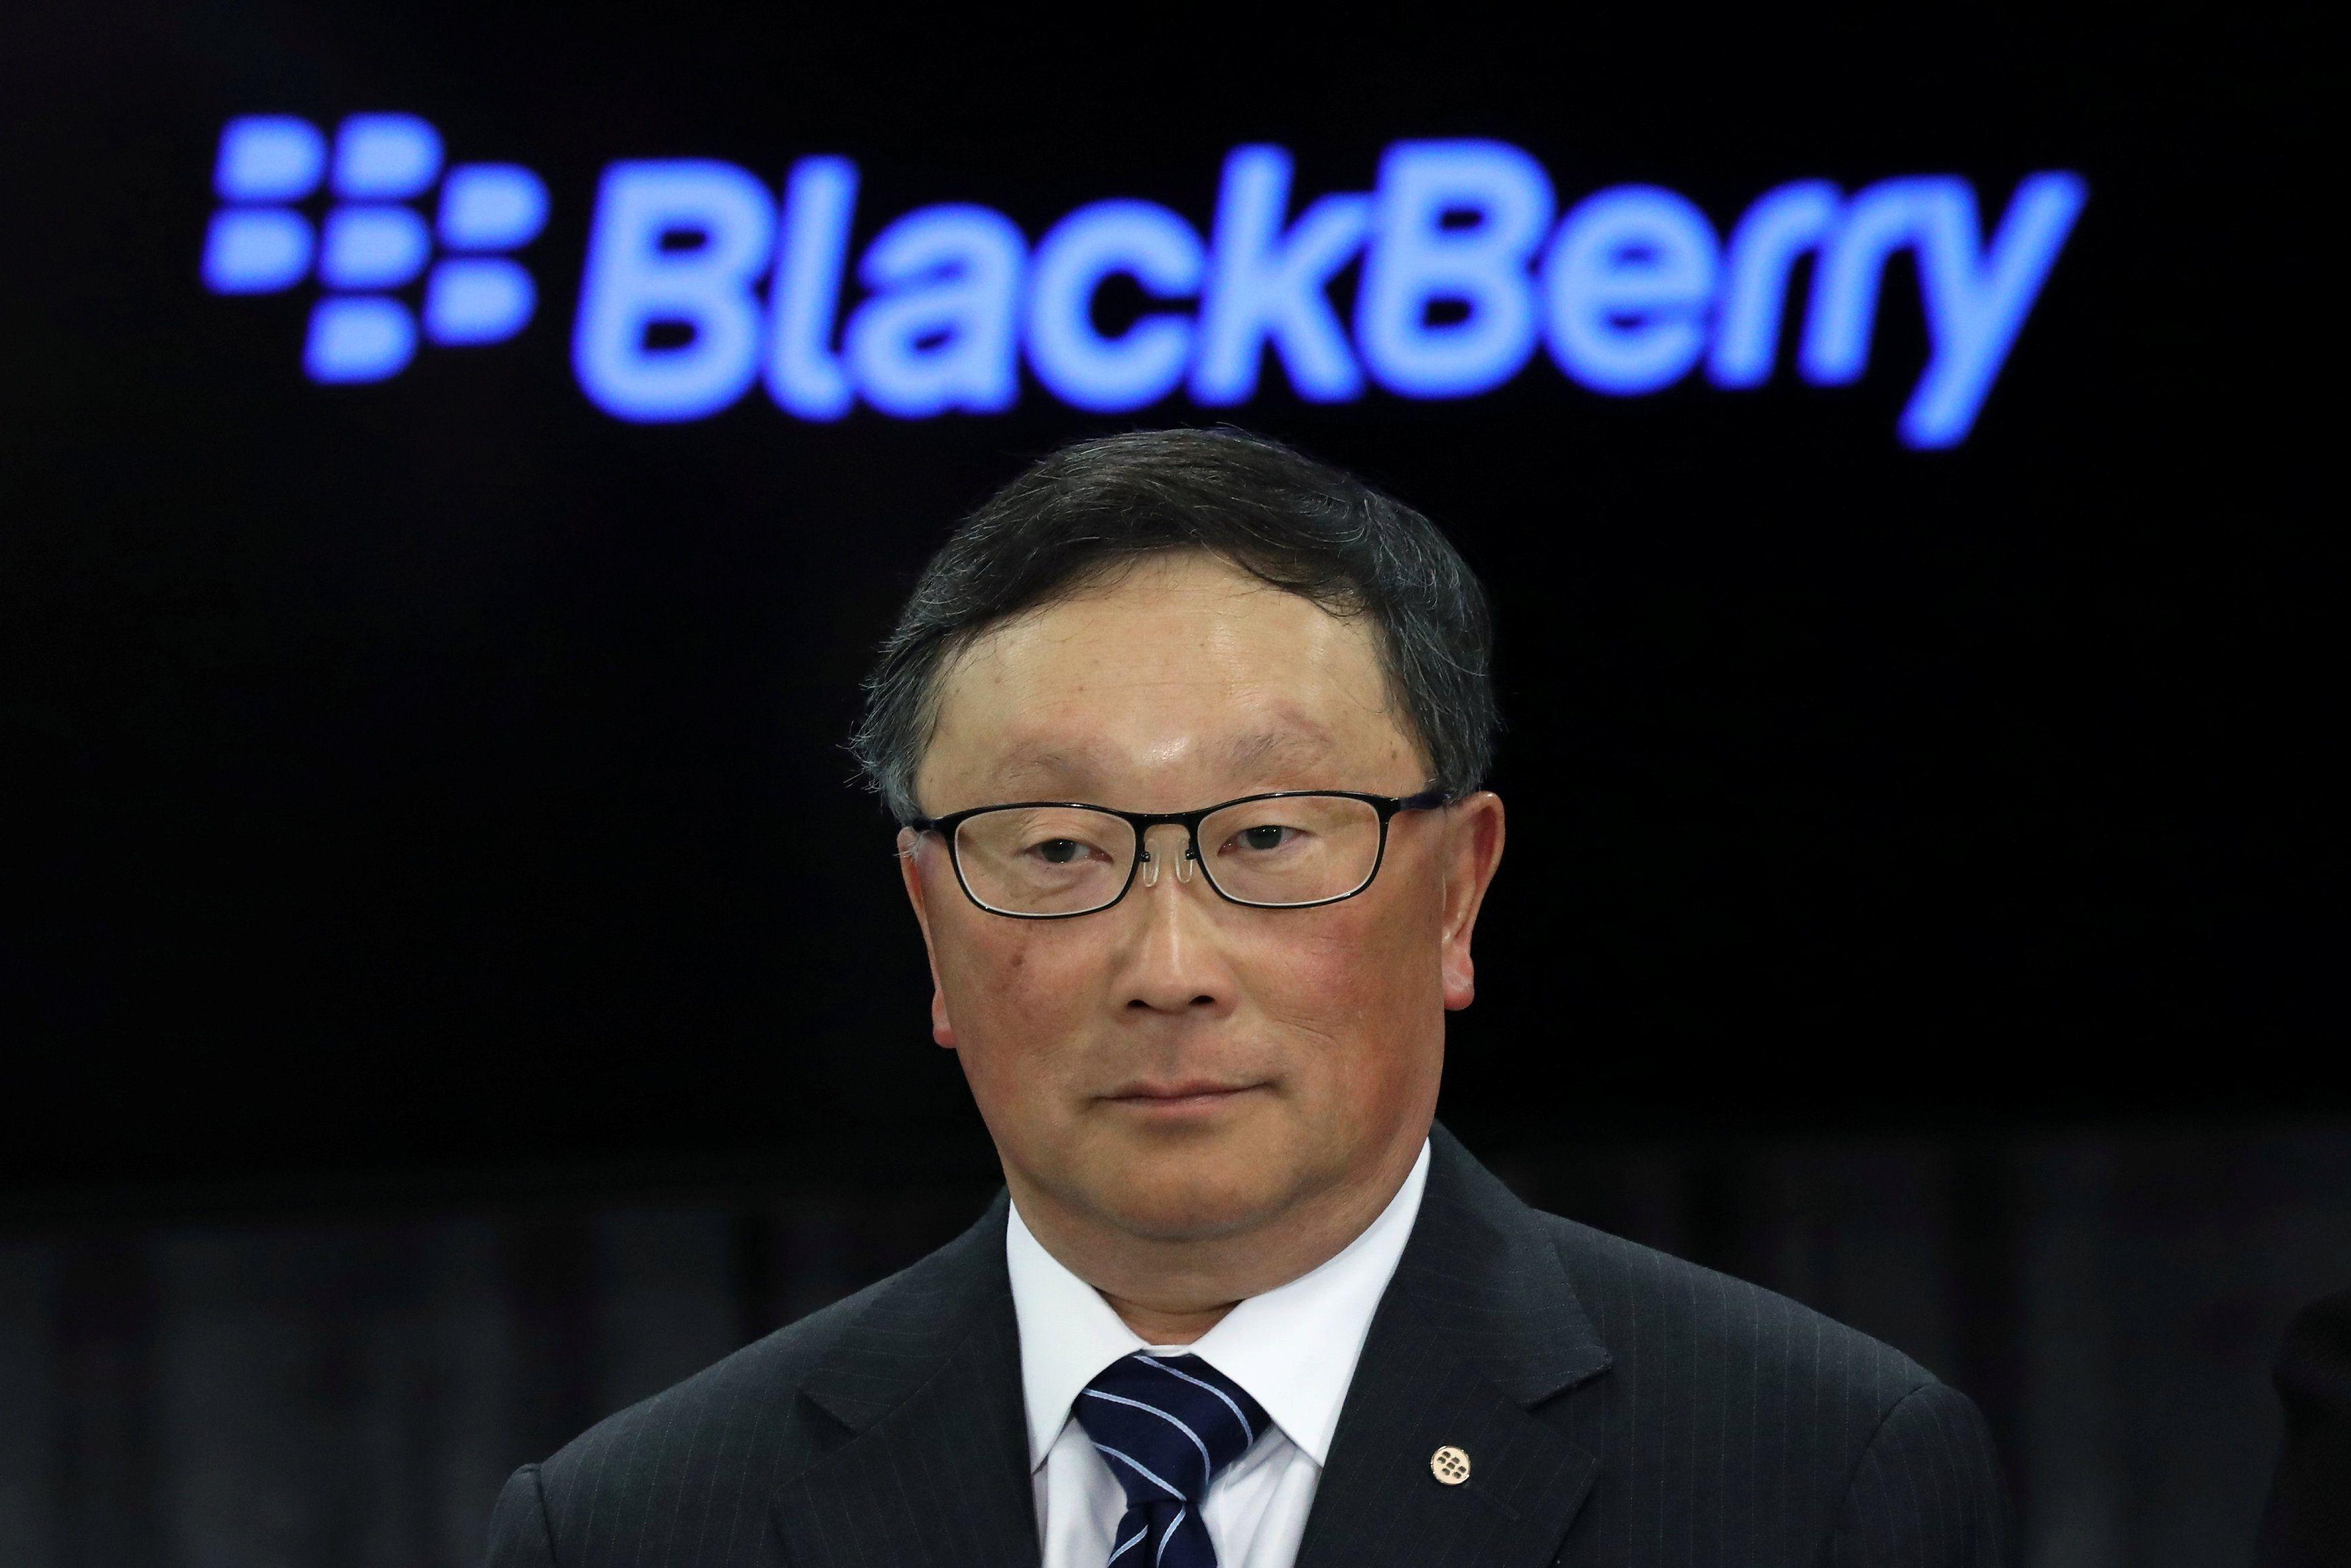 El CEO de Blackberry, John Chen